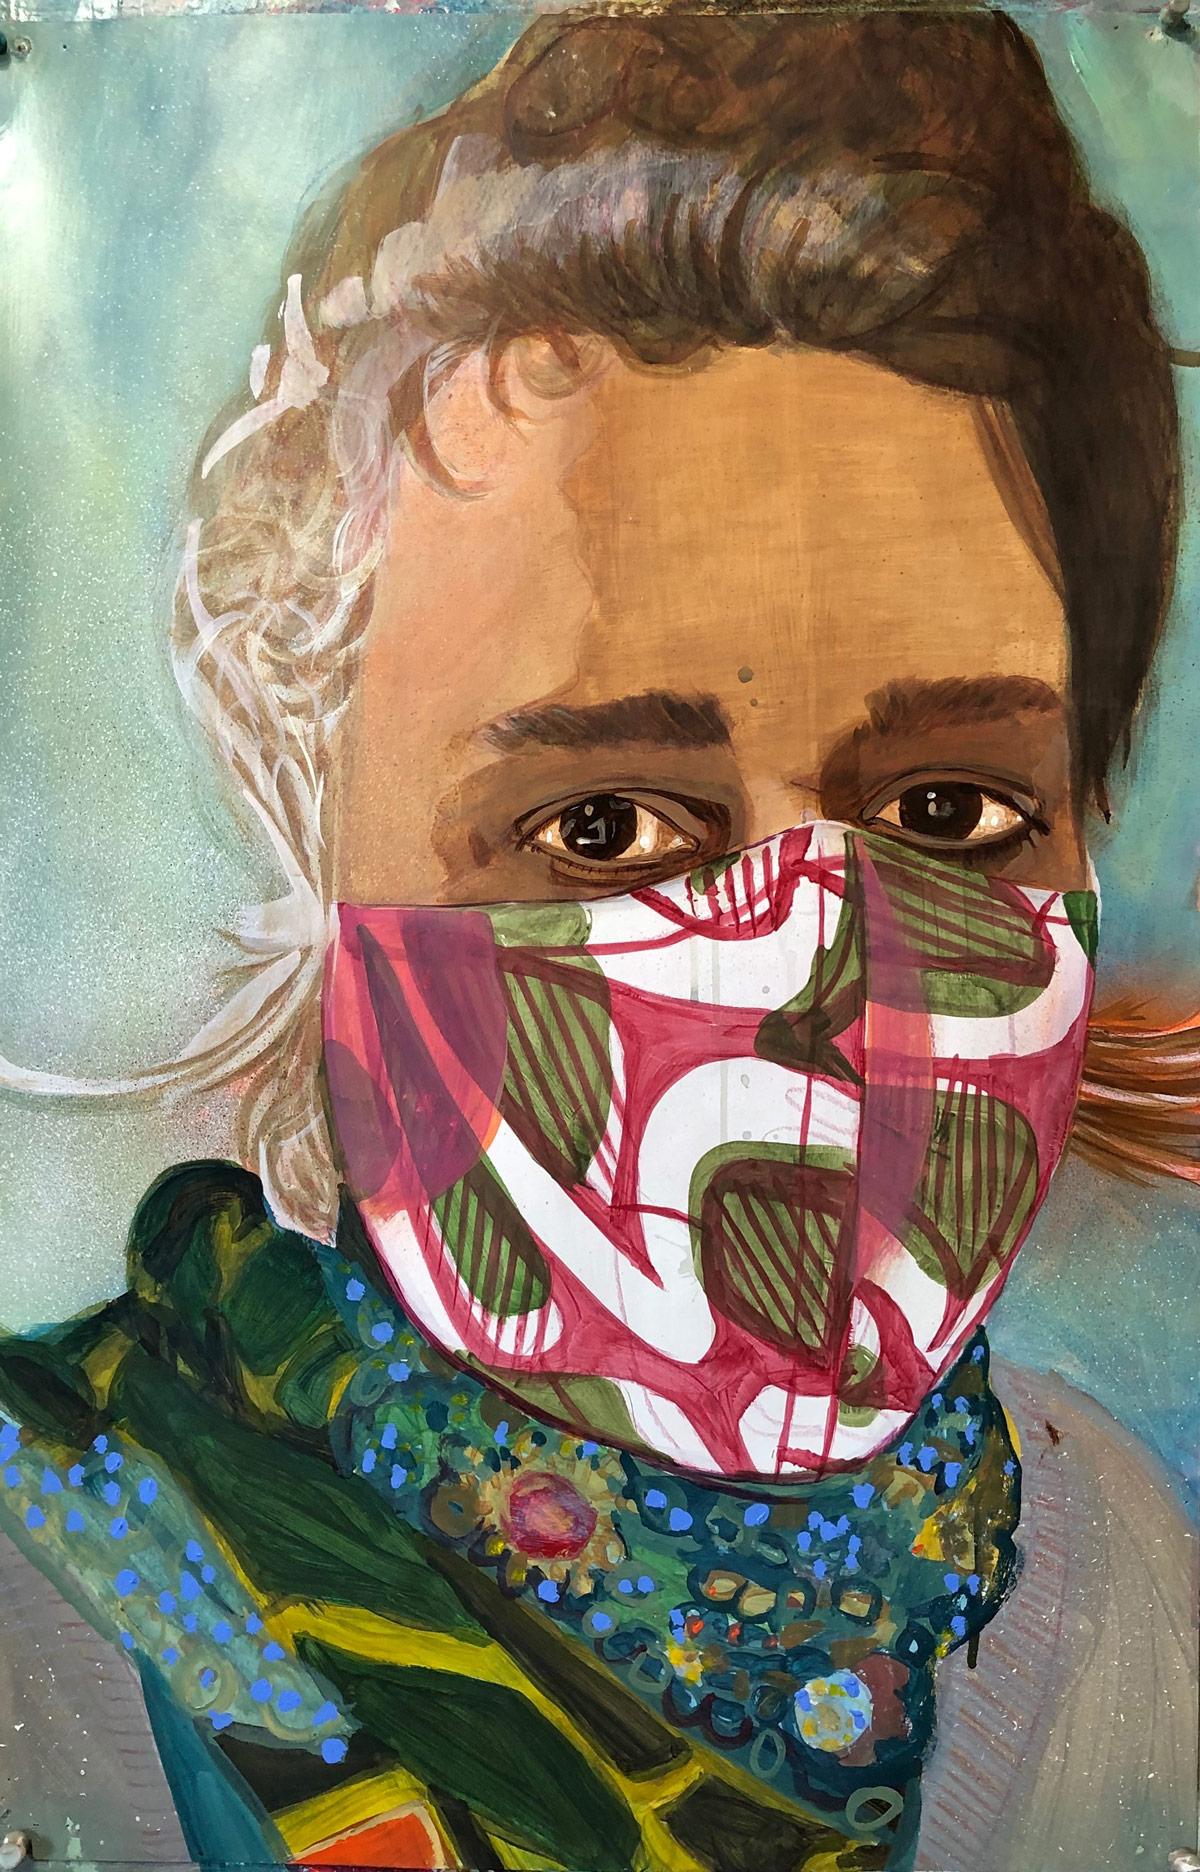 Kim Faler (artist), North Adams, MA, 2020